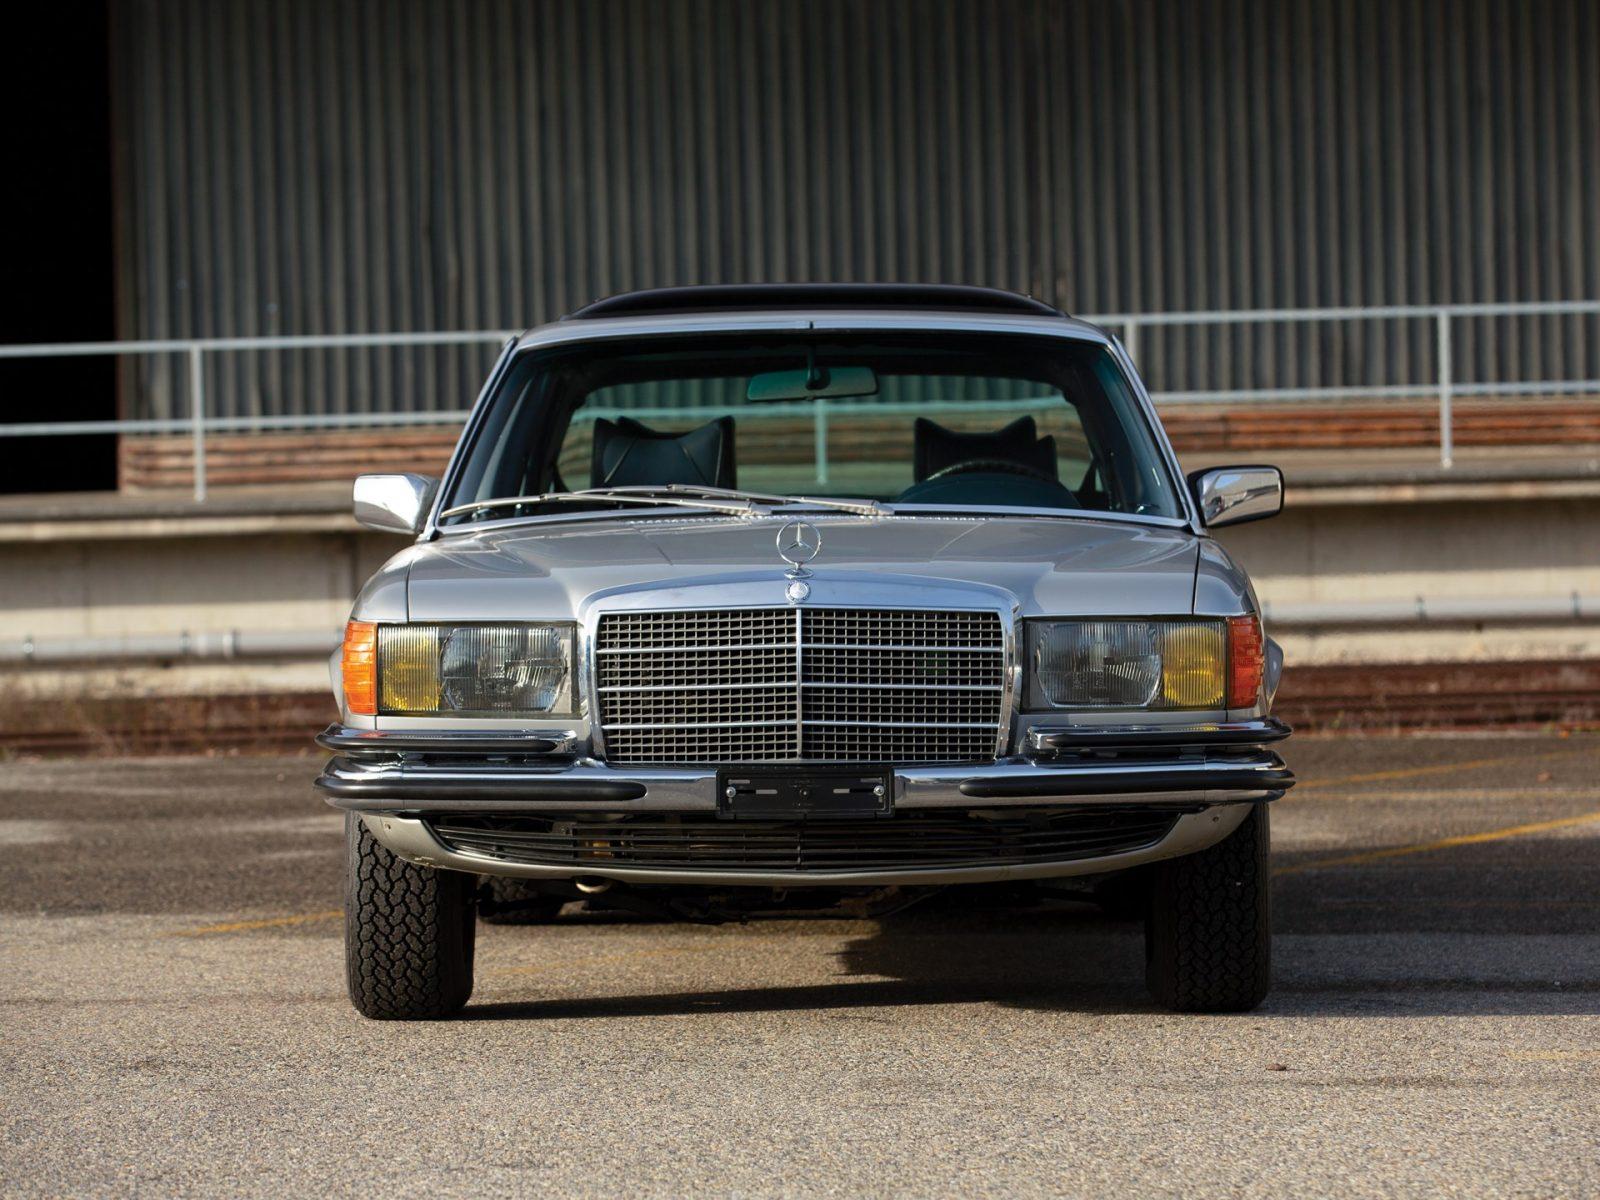 Фотографии автомобиля Mercedes-Benz 450 SEL 6.9 1979 года.